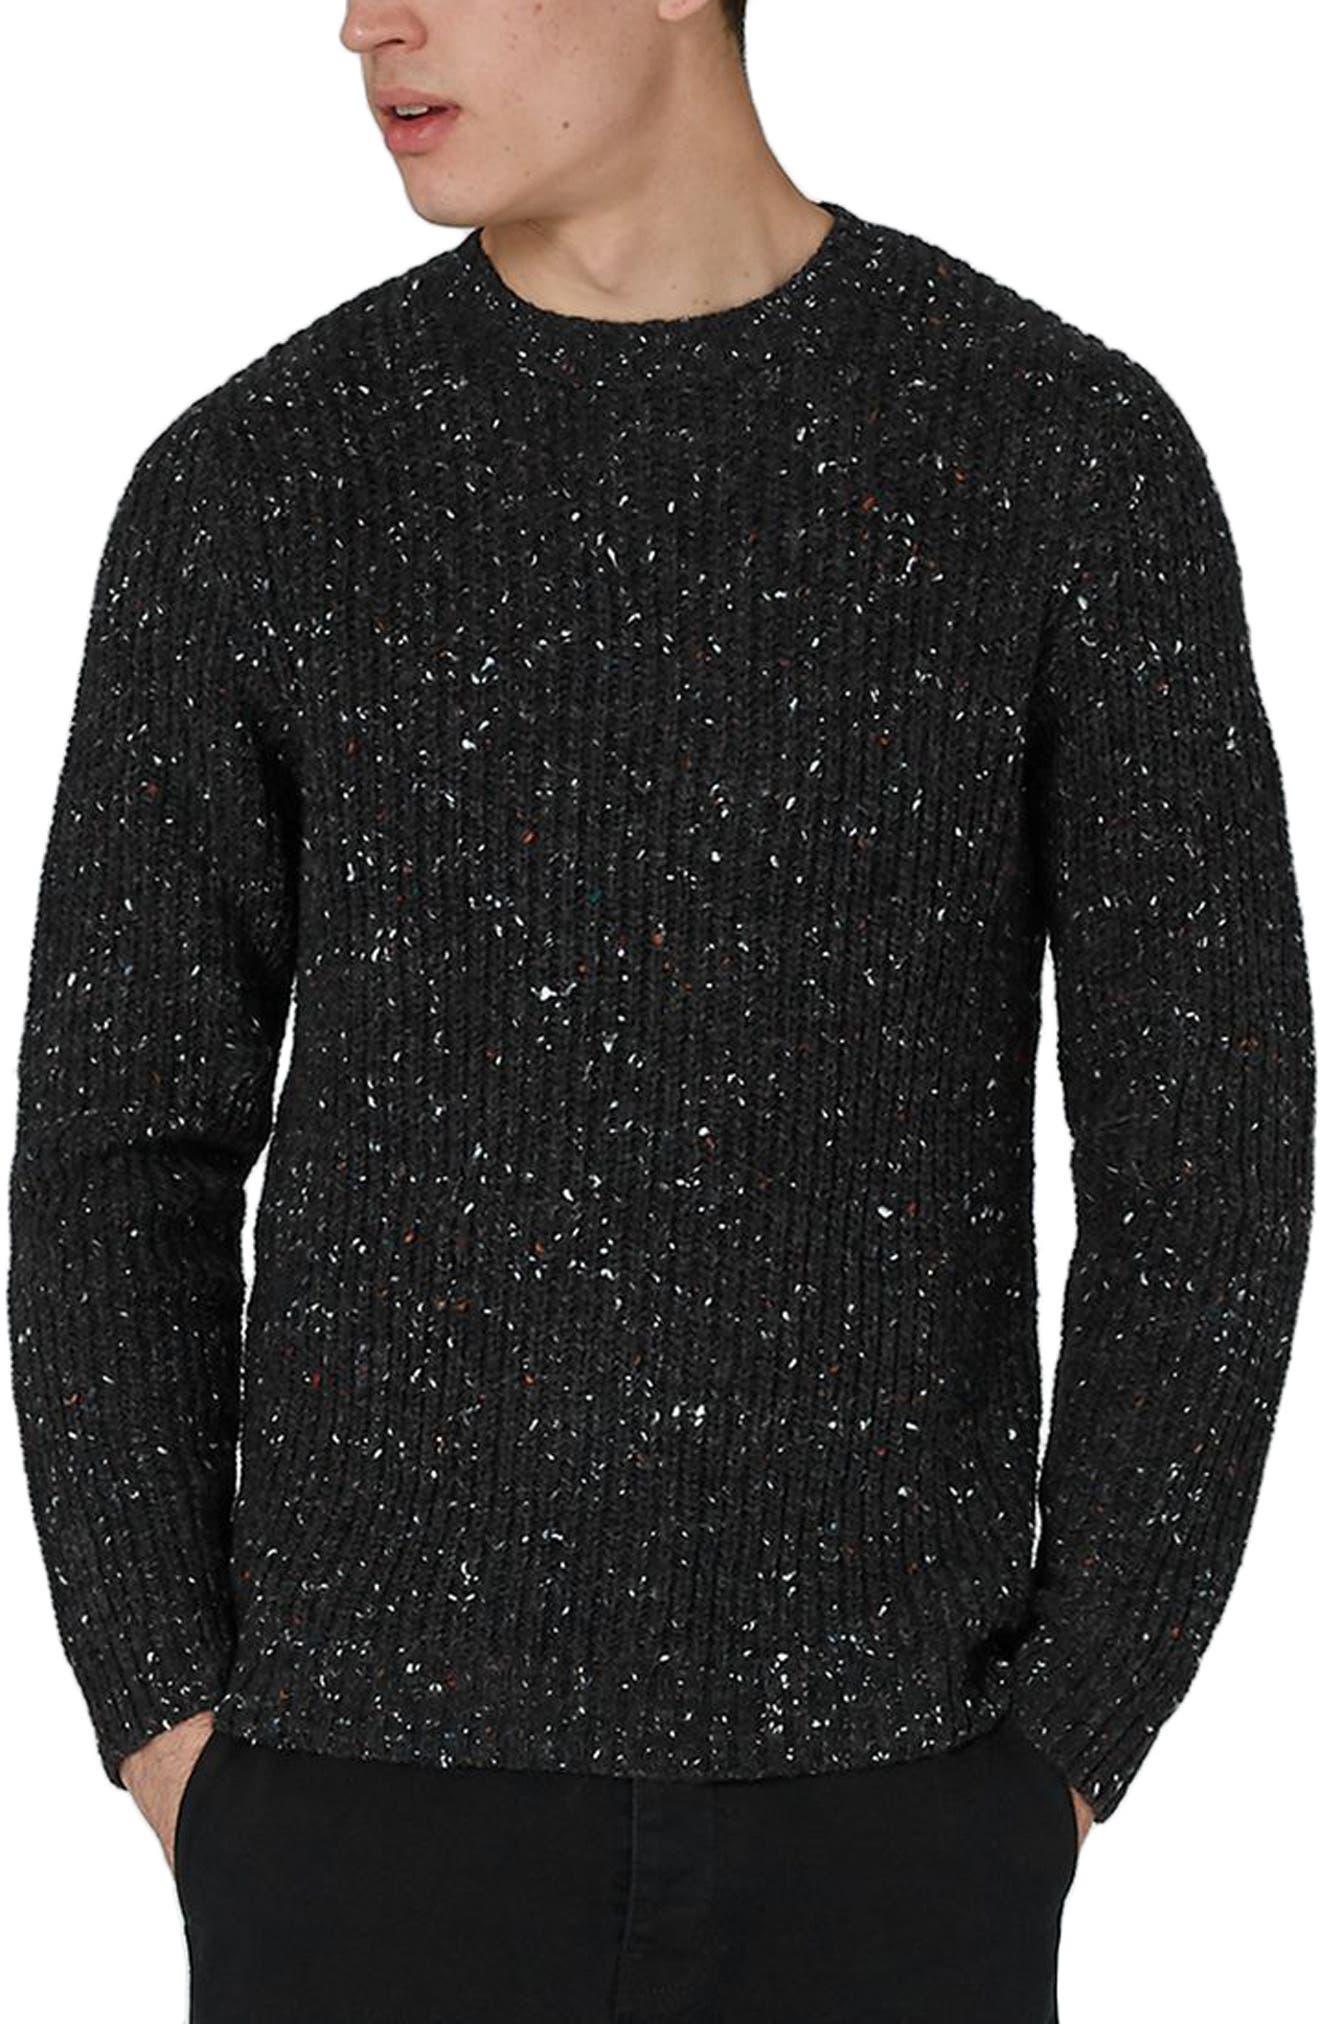 Main Image - Topman Premium Fisherman Sweater